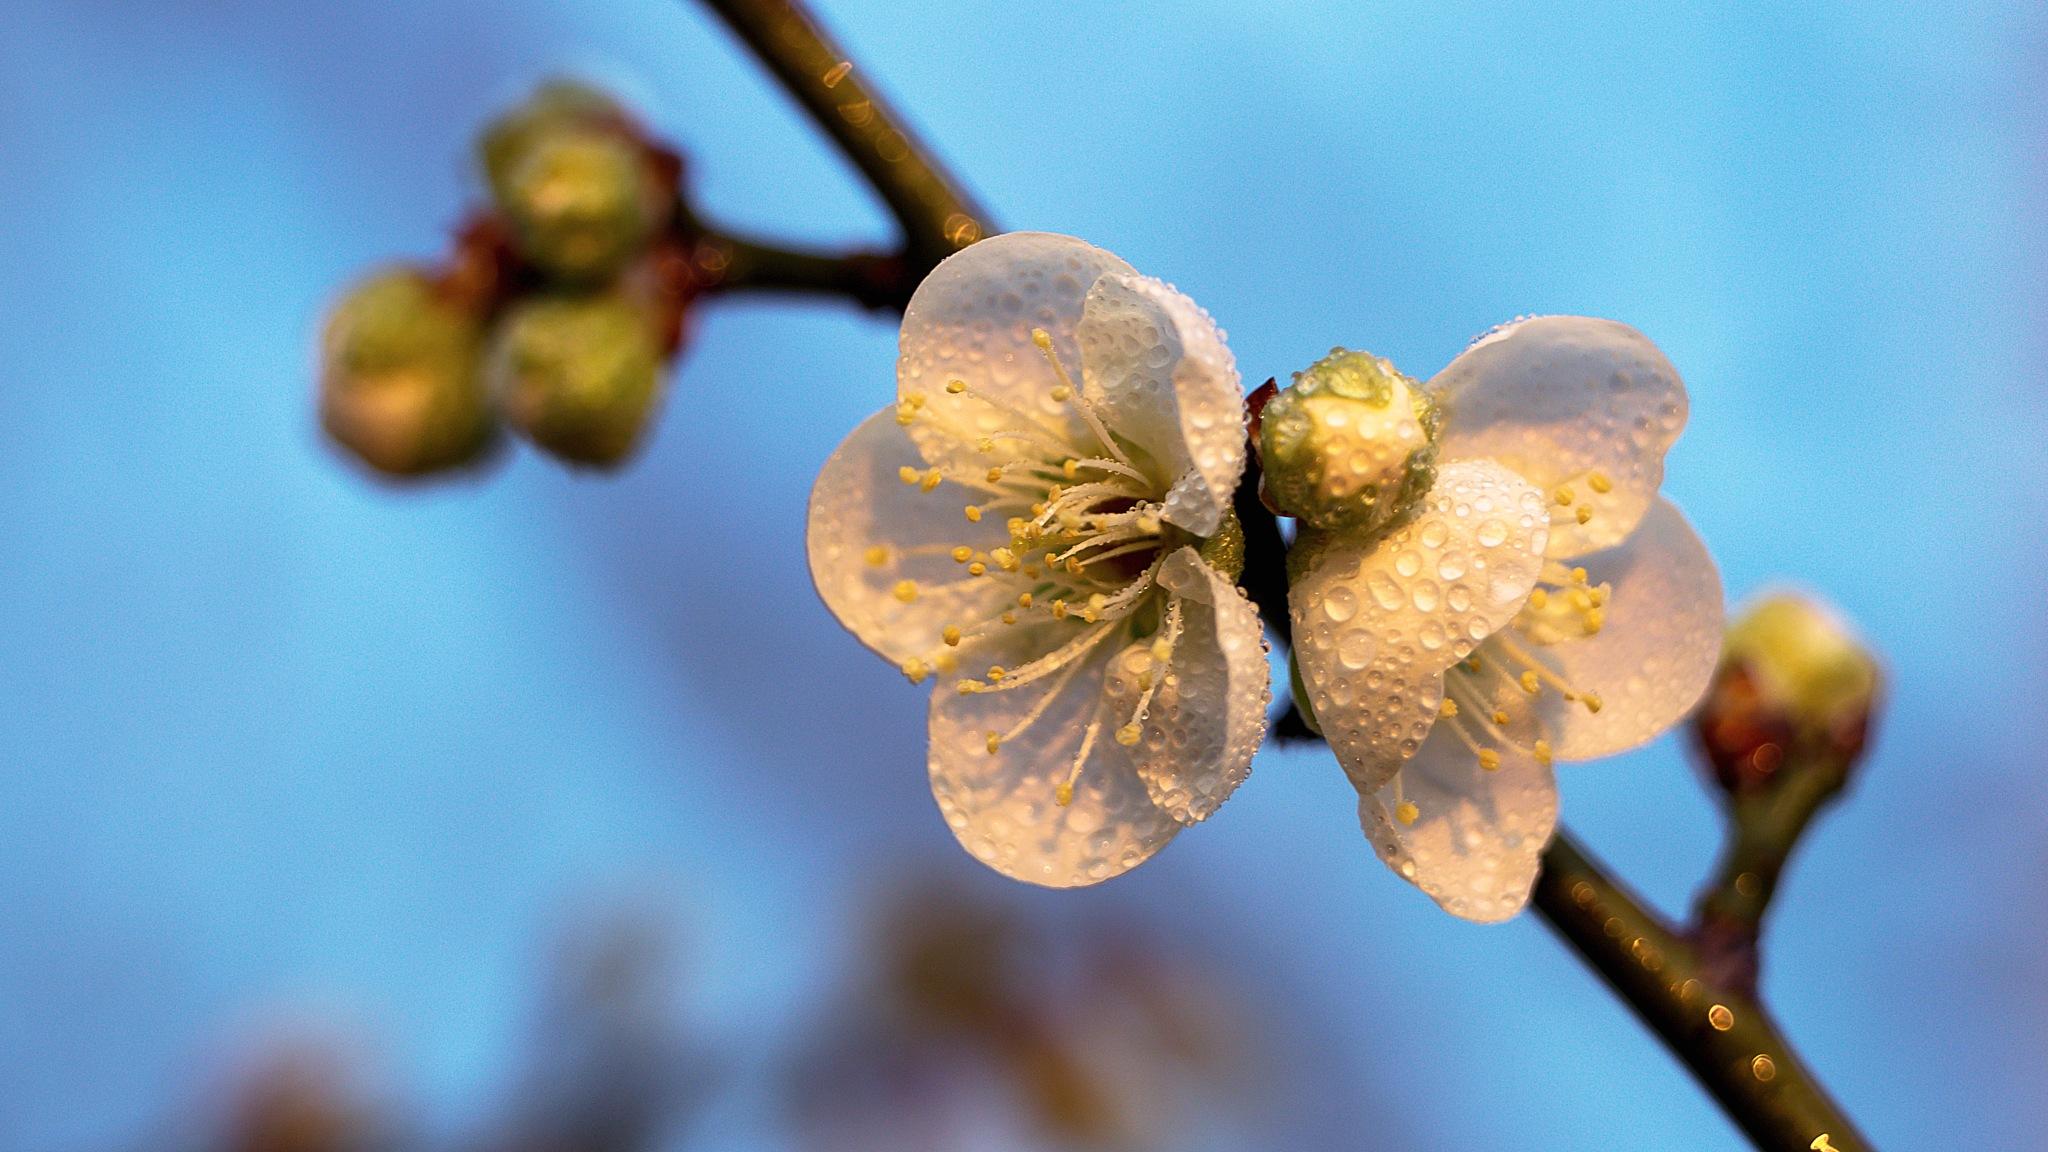 blossom Plum by gorkhe1980